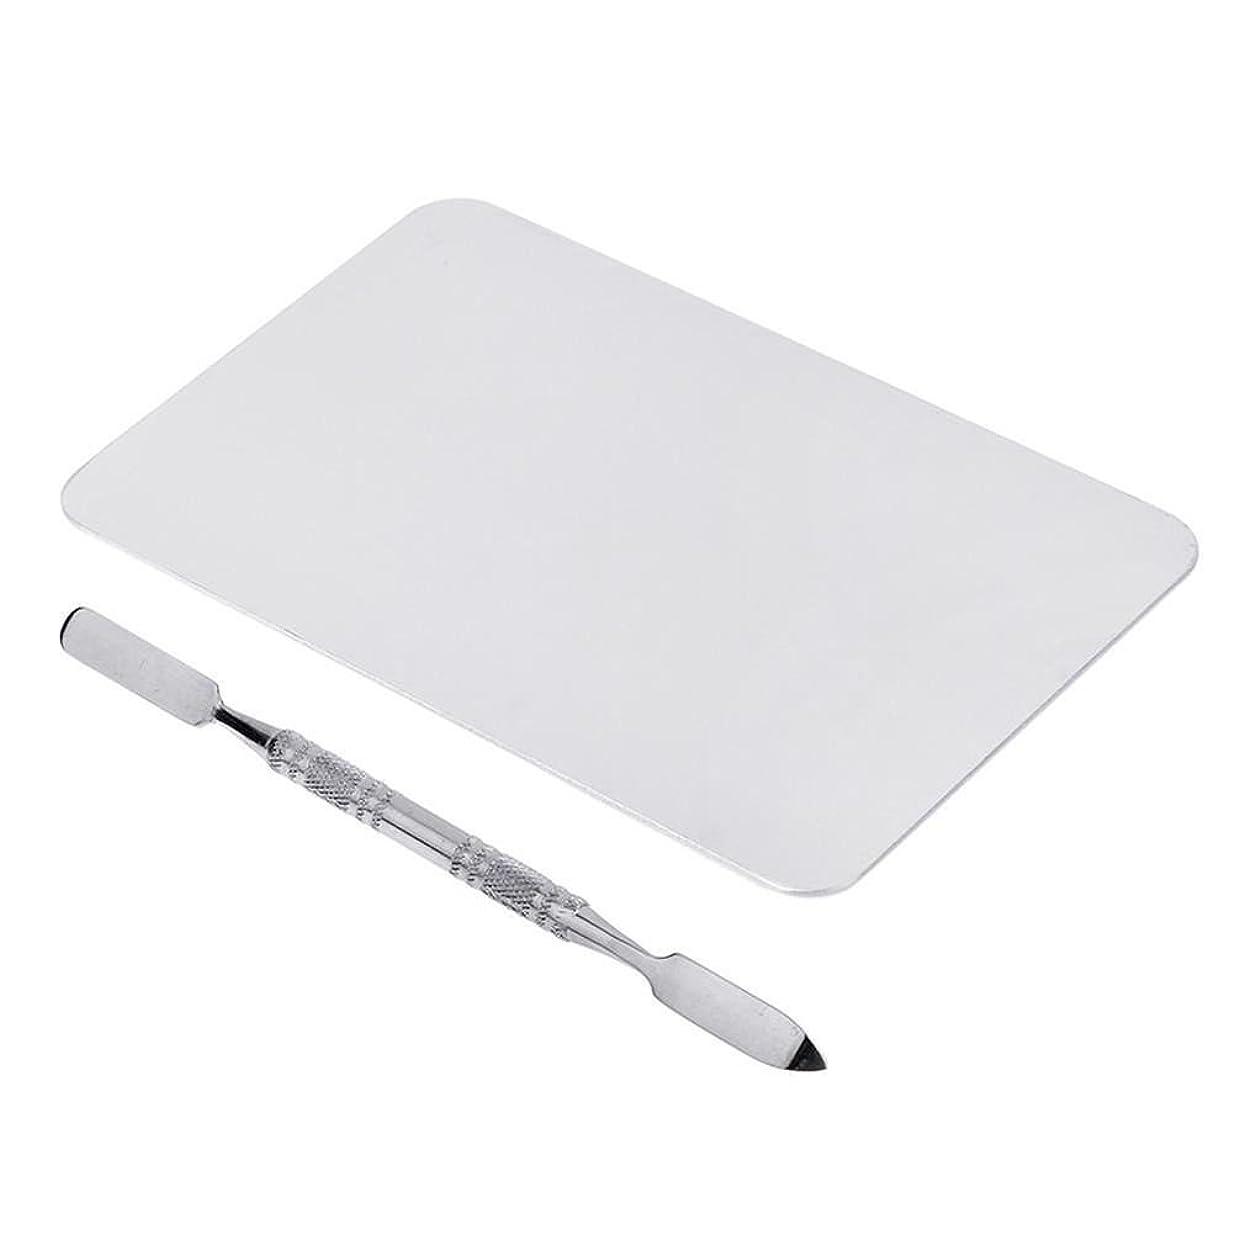 関与するヶ月目コールドSemoic 2色のメイクパレットマニキュア、メイクアップ、アイシャドウパレットパレットセット12cm